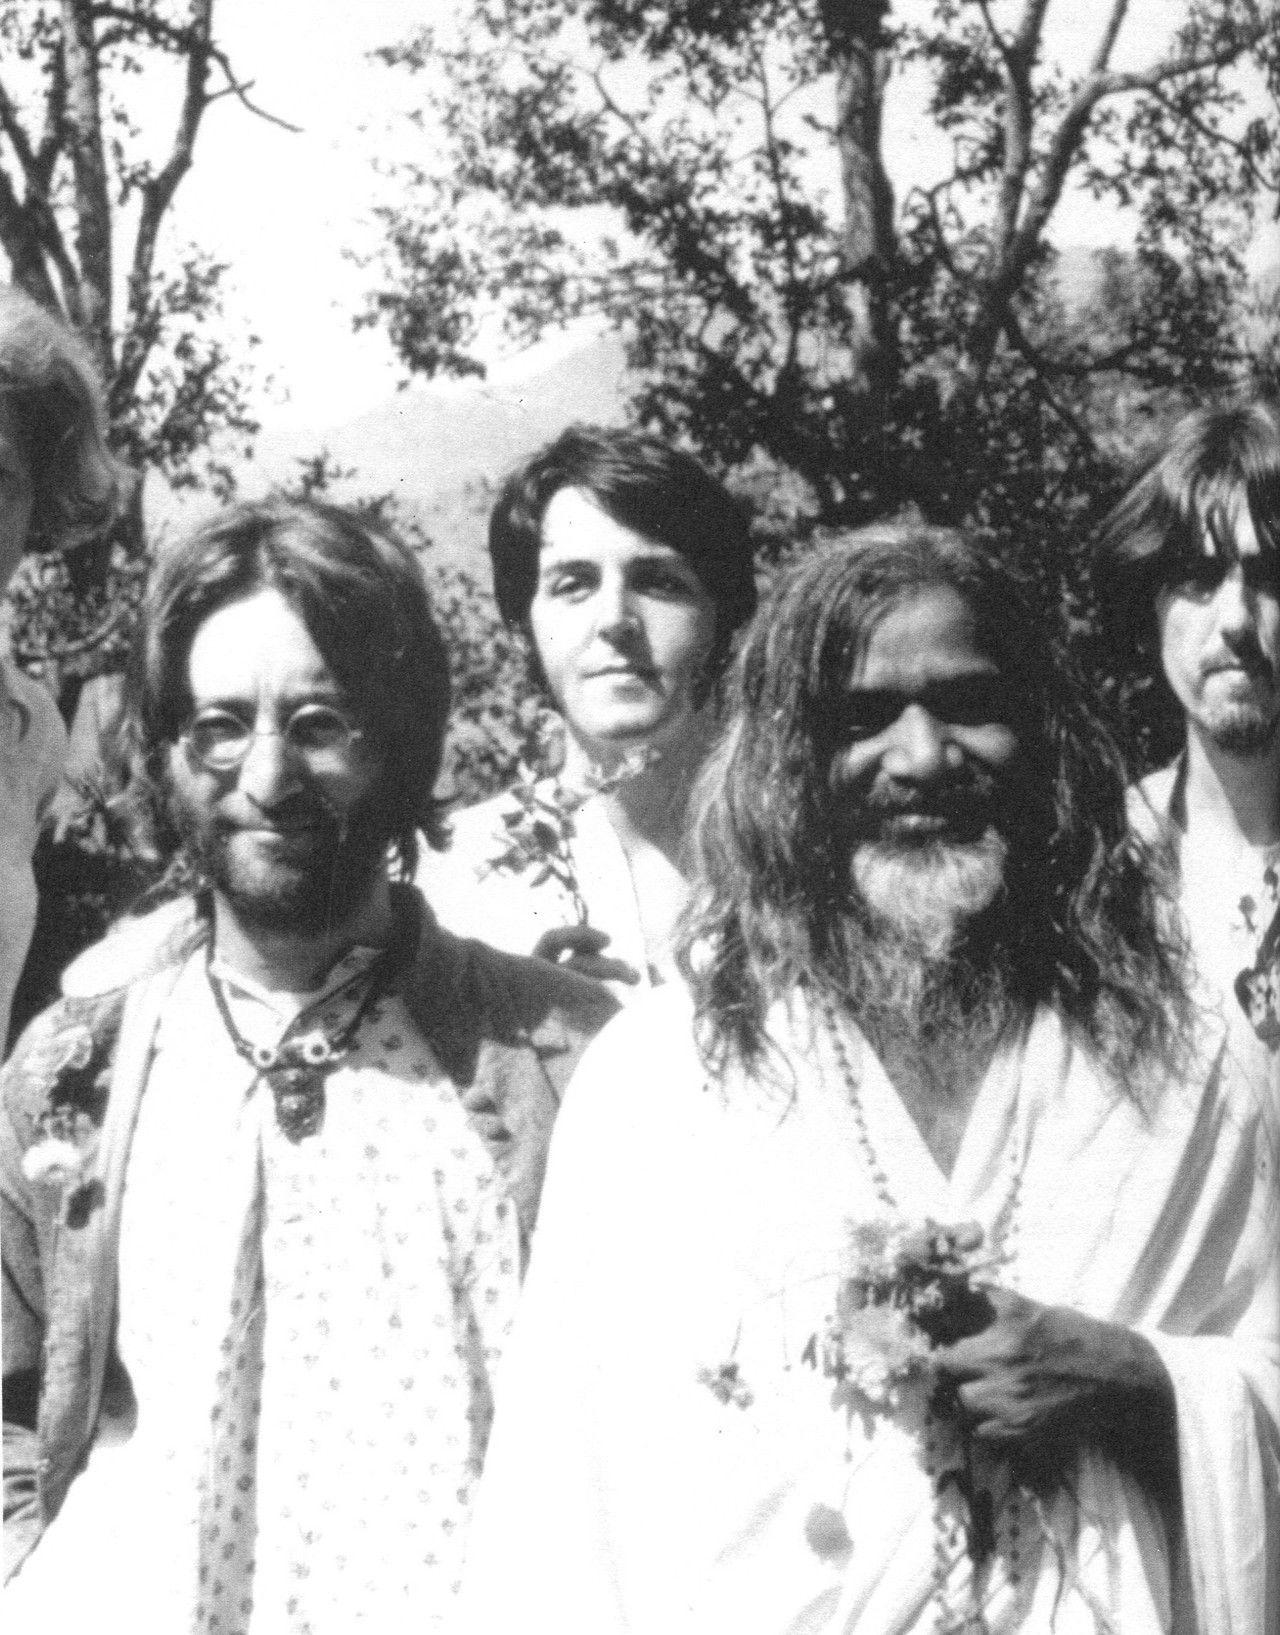 Pin By Lori Michael On Maharishi Mahesh Yogi The Beatles Lennon Maharishi Mahesh Yogi